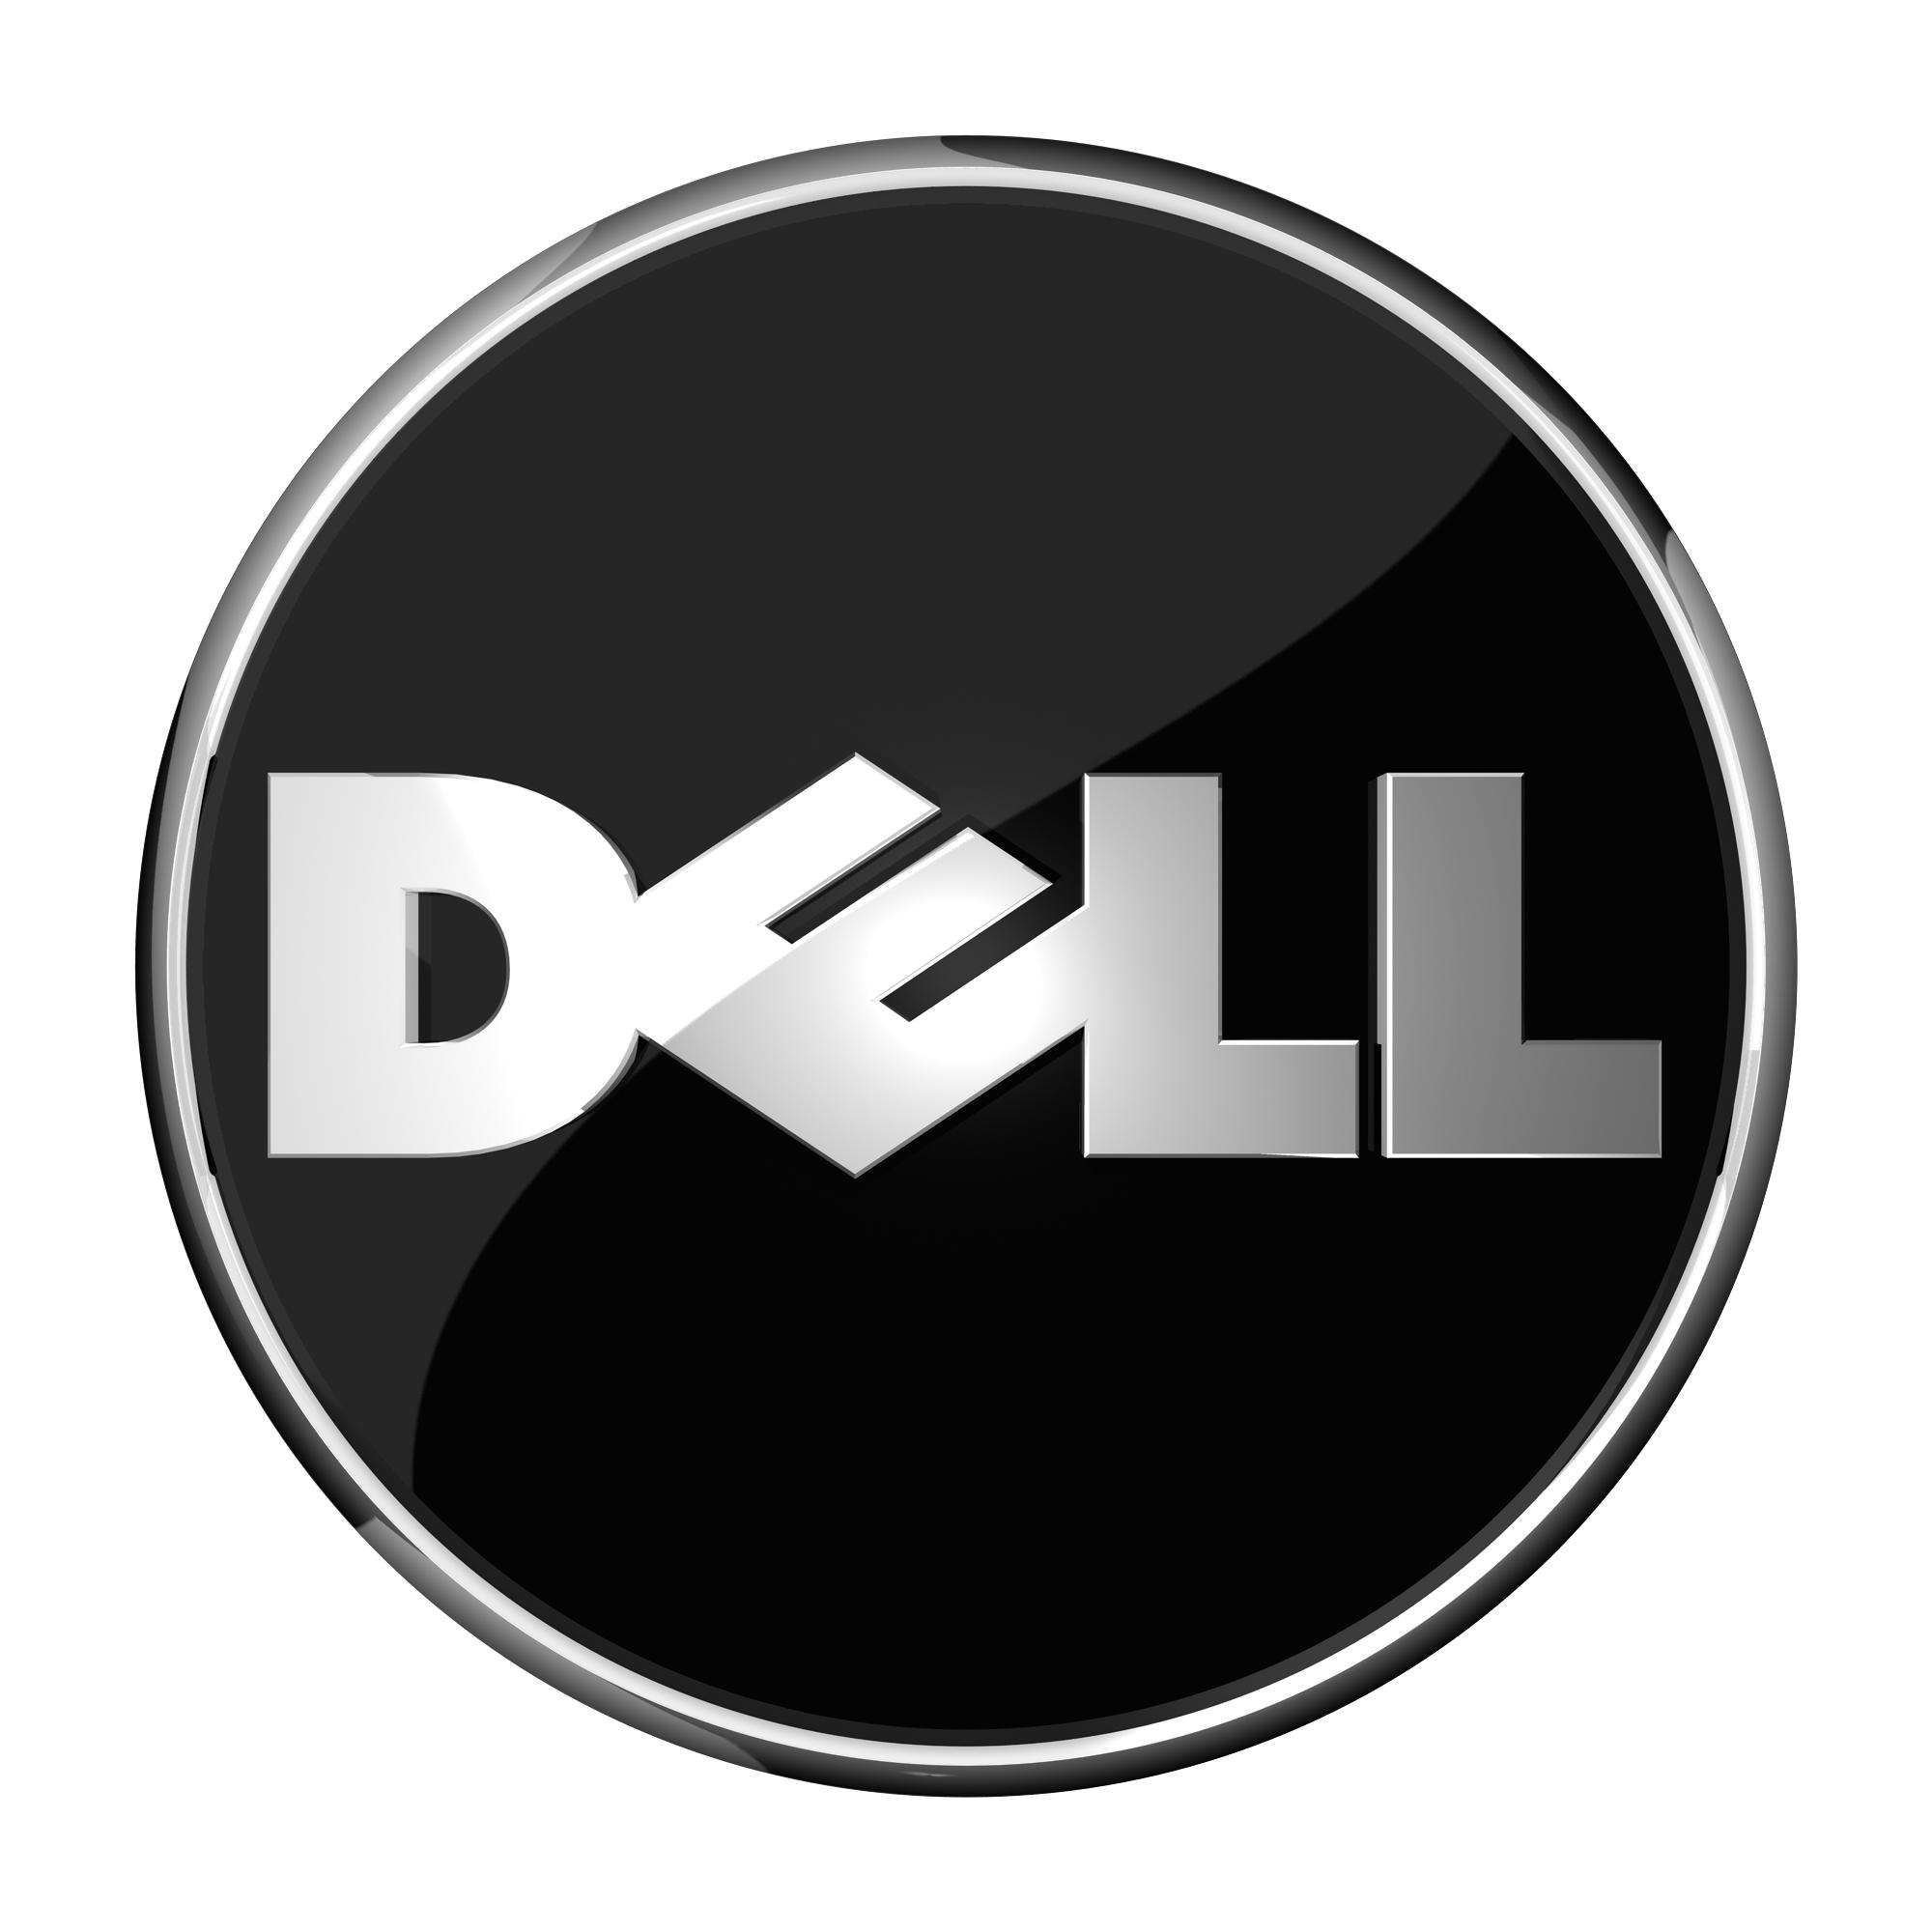 Png Dell Logo Transparent #11730.